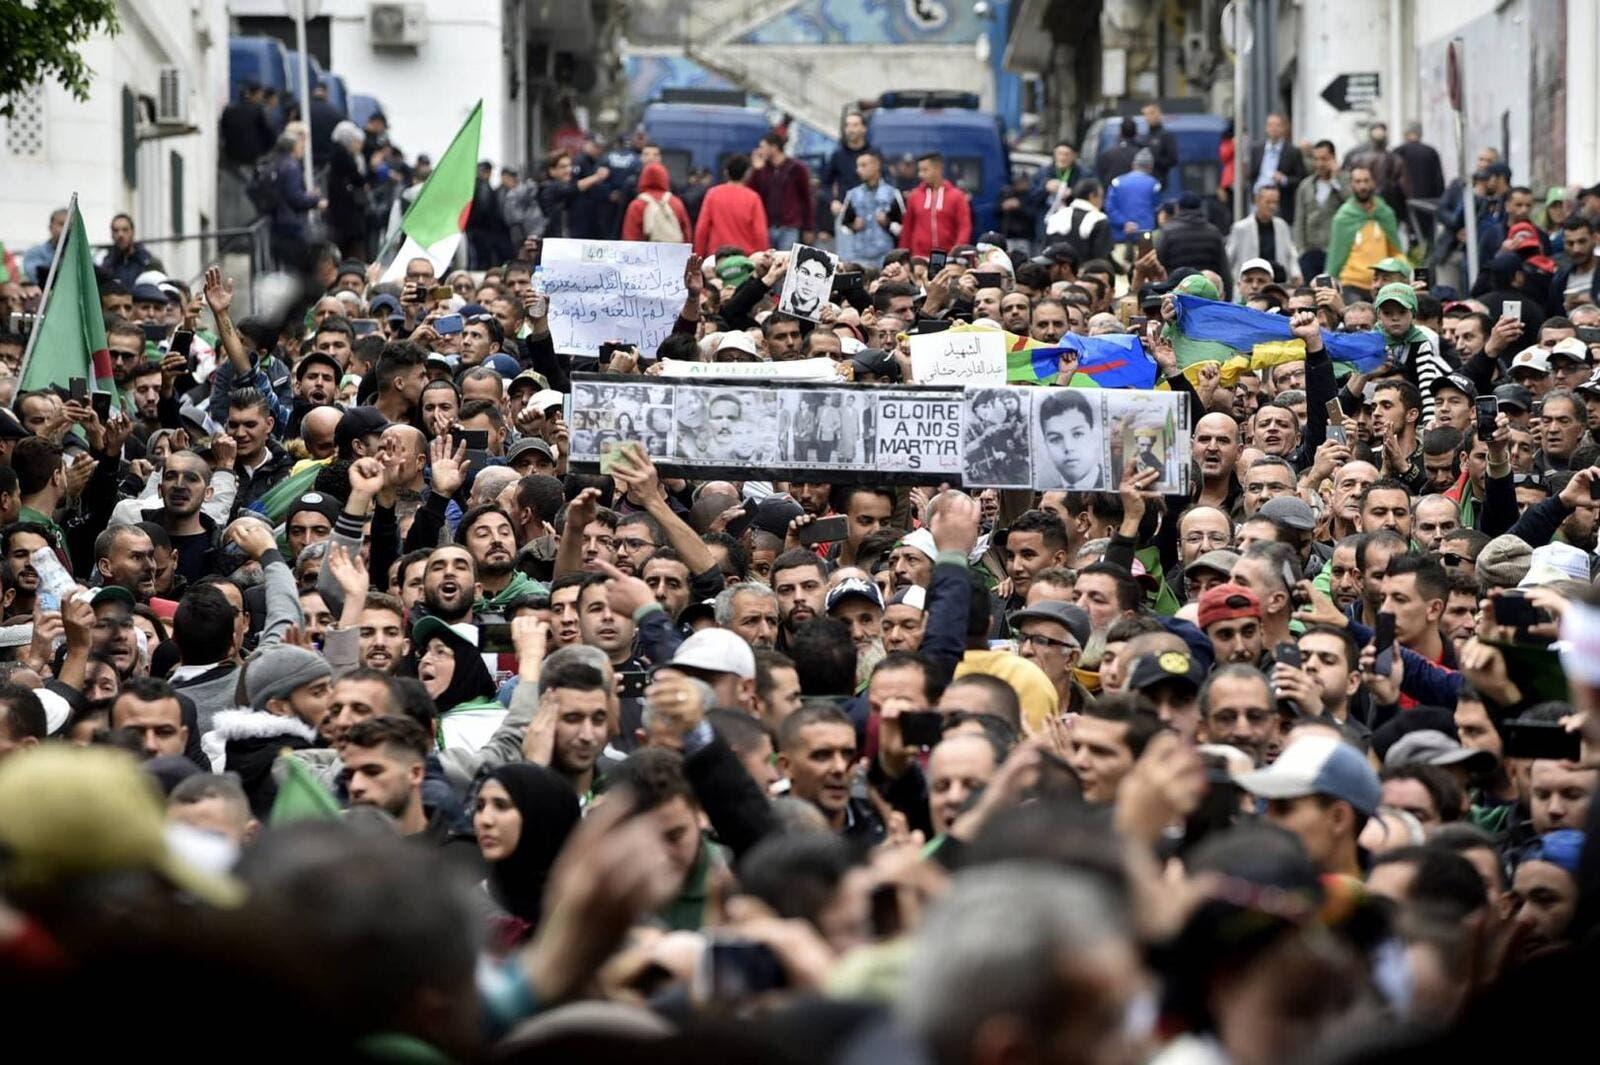 الجزائريون يواصلون التظاهر رفضا لانتخابات الرئاسة